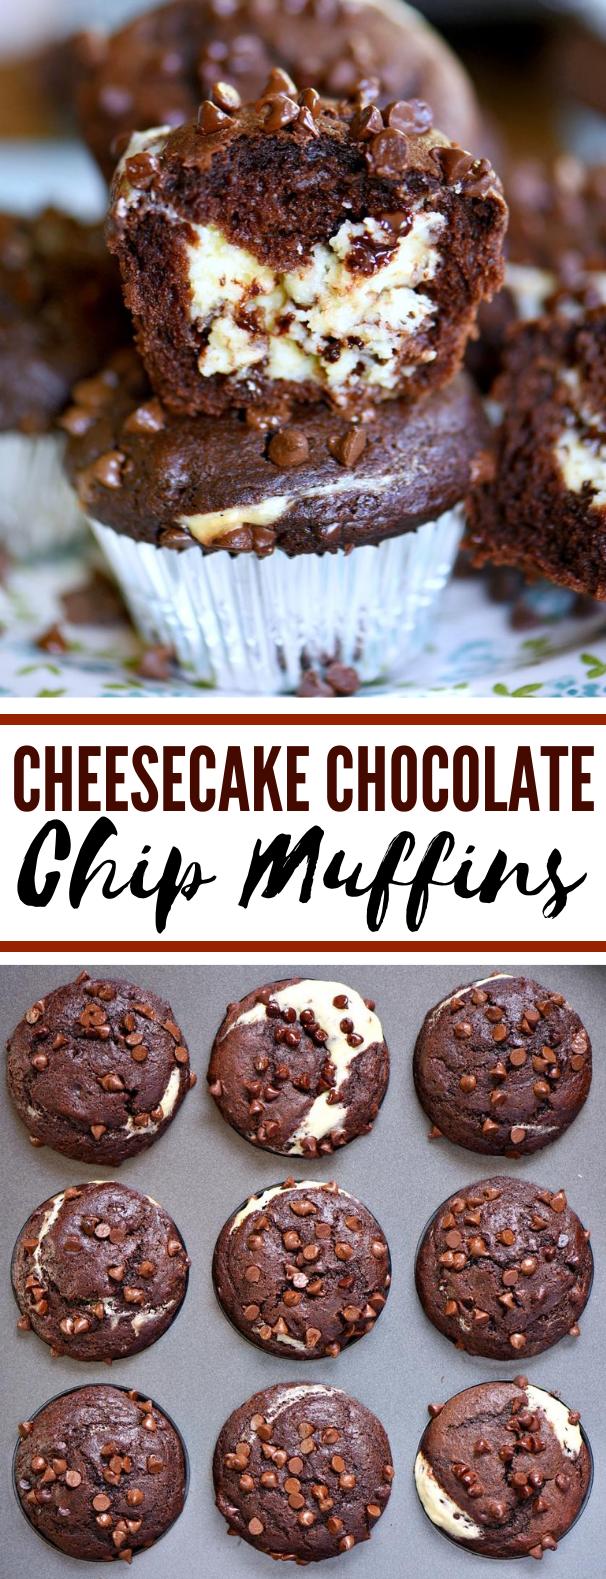 Cheesecake Chocolate Chip Muffins #desserts #breakfast #chocolate #cupcake #cake